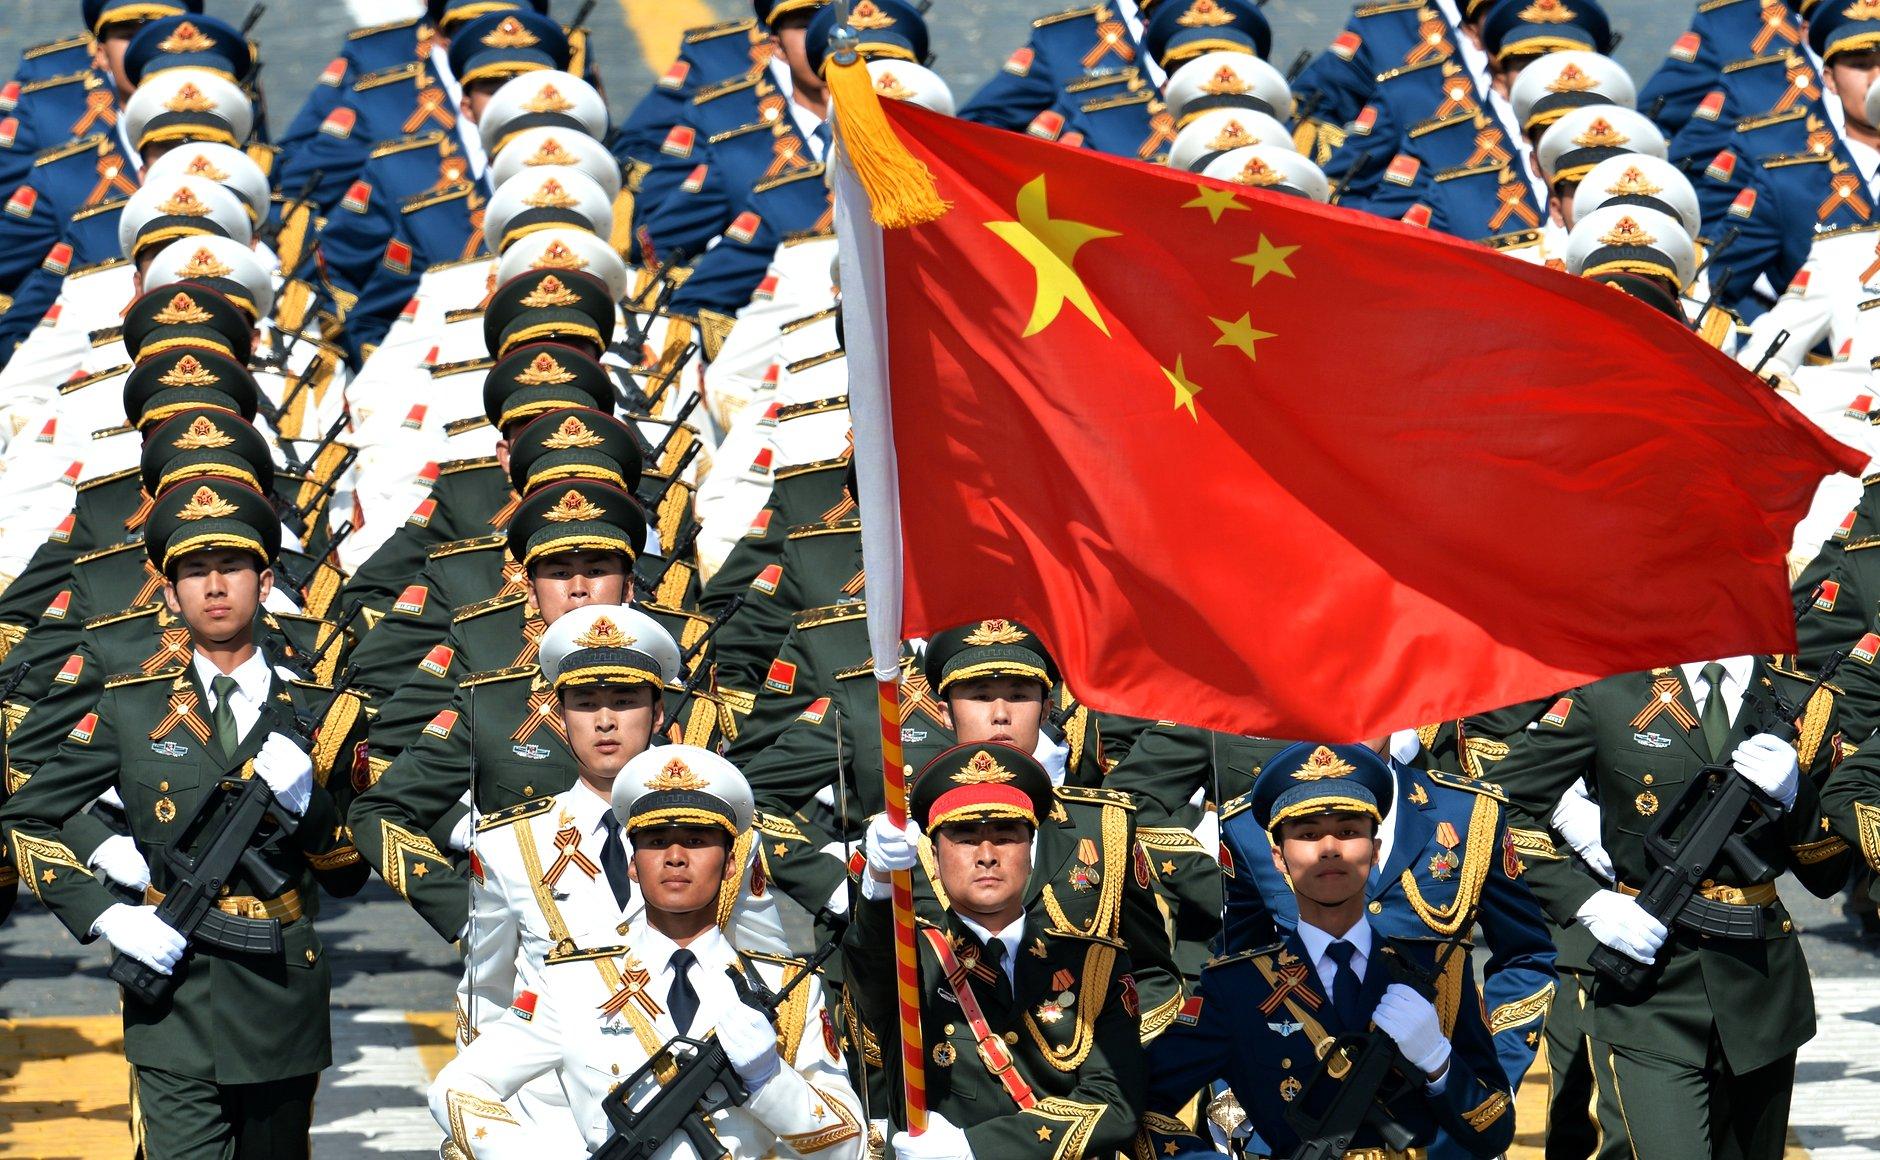 Liens intimes entre le Parti et l'Armée en Chine